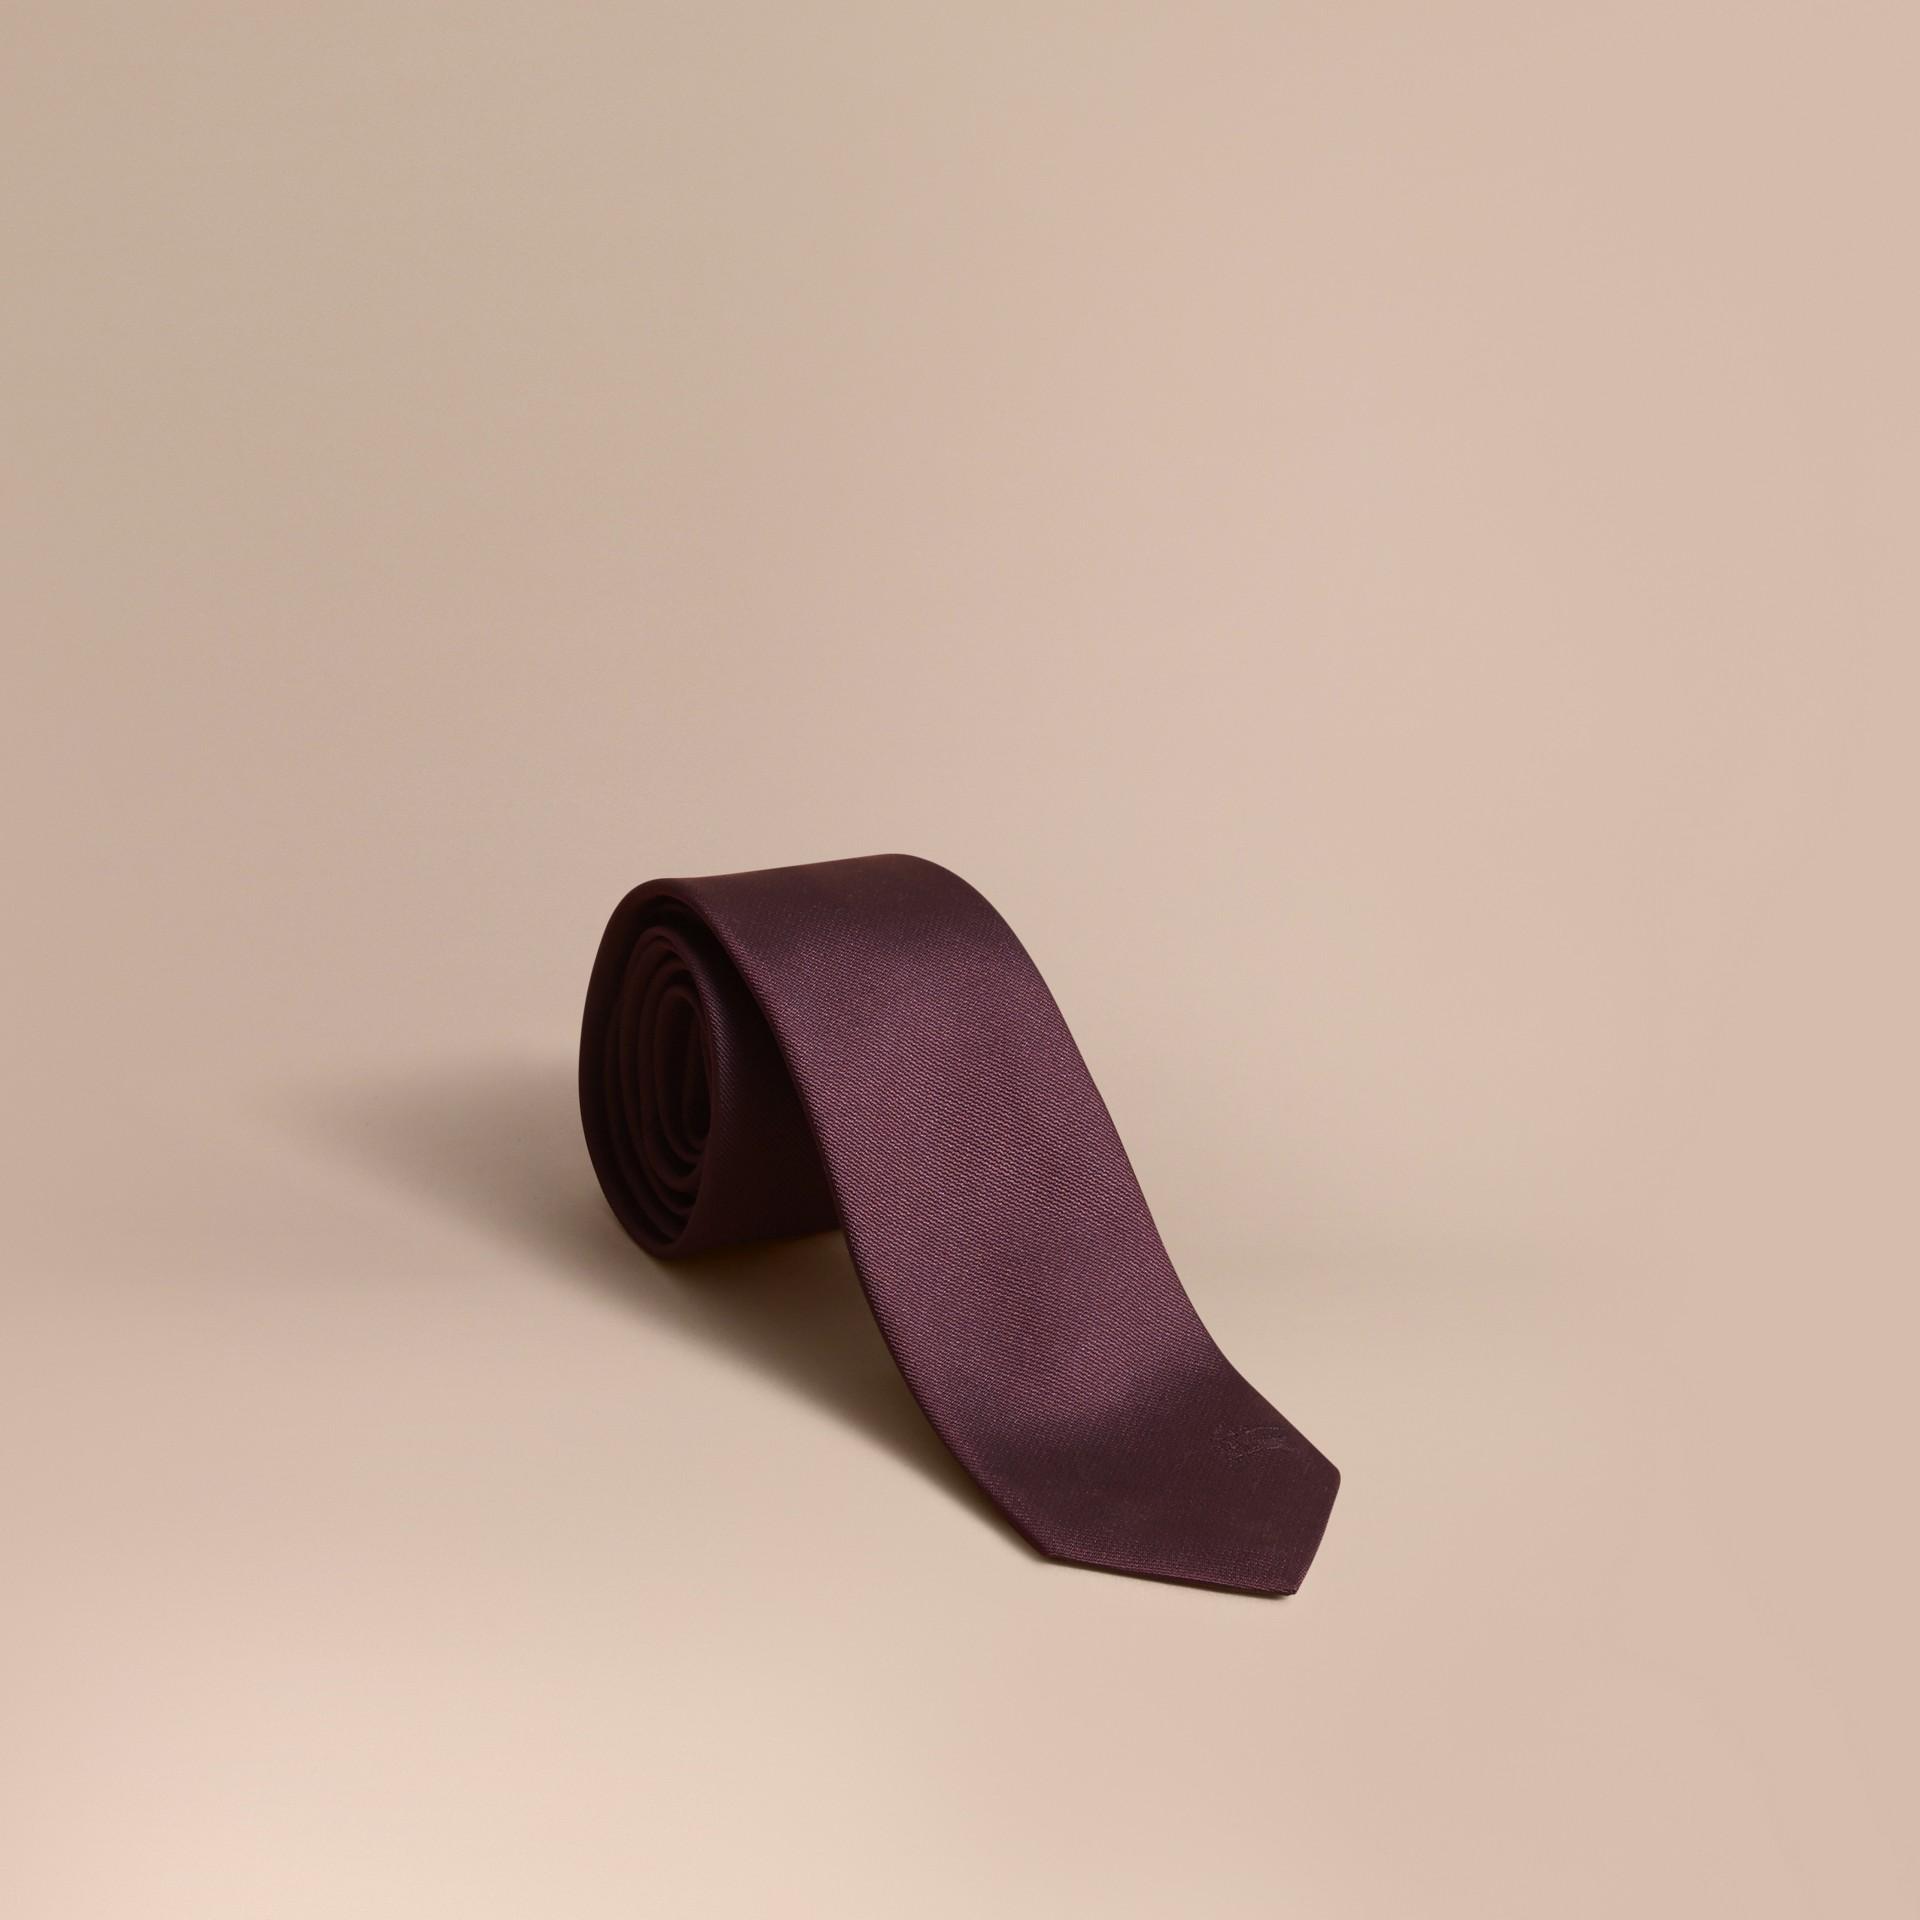 Gravata slim de sarja de seda (Claret Intenso) - Homens | Burberry - galeria de imagens 0